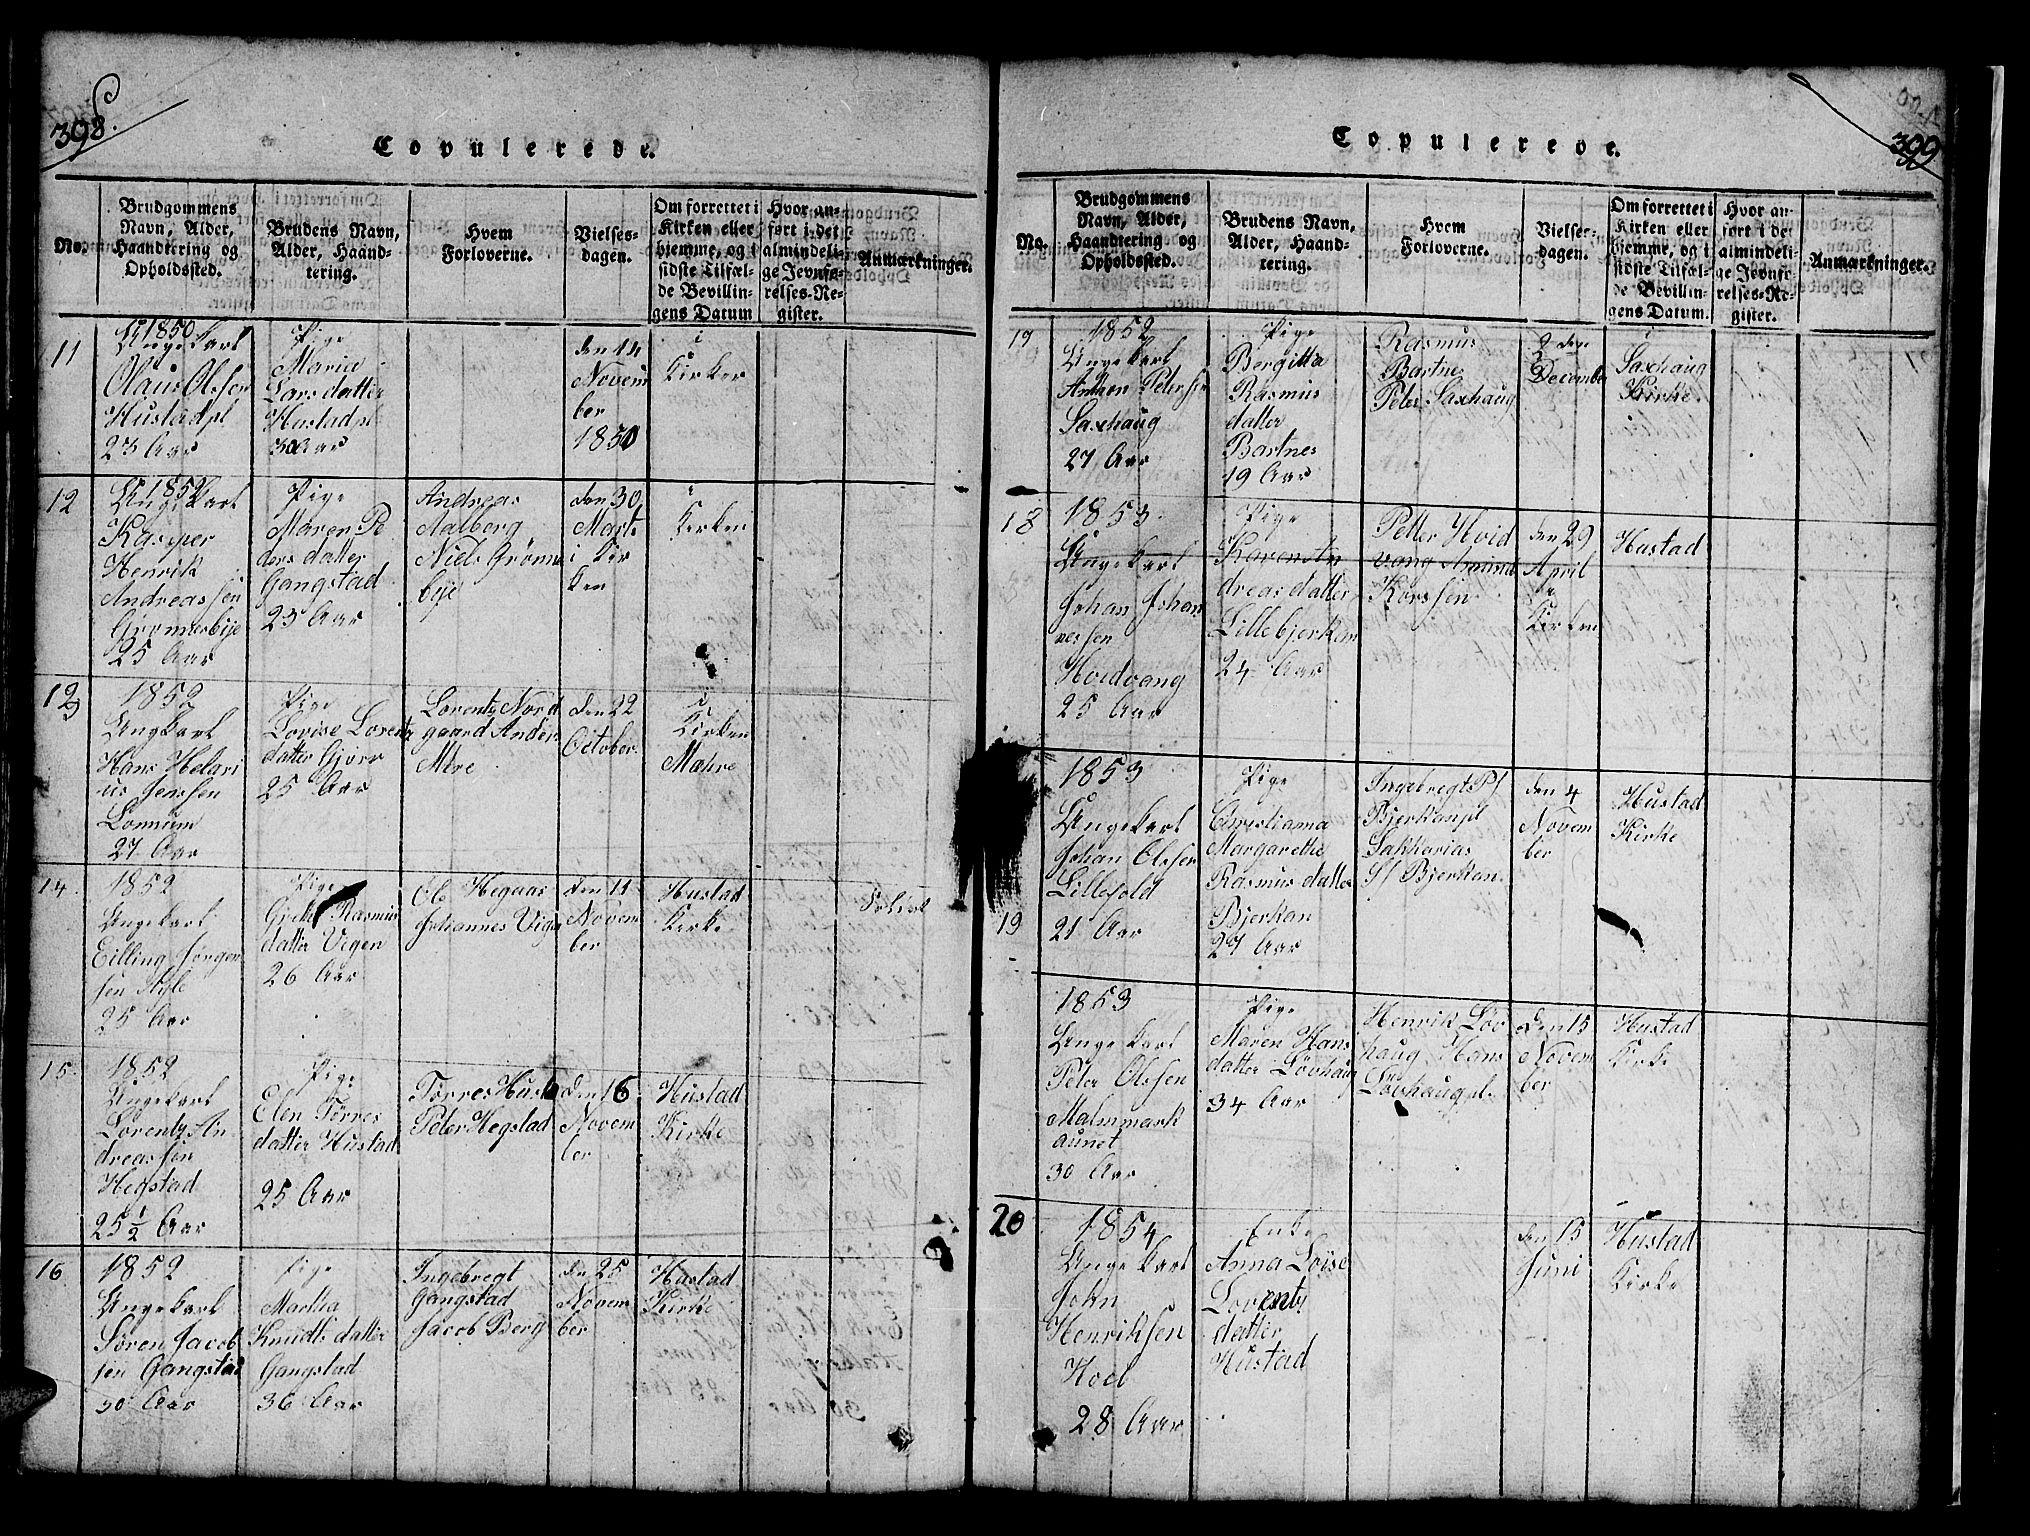 SAT, Ministerialprotokoller, klokkerbøker og fødselsregistre - Nord-Trøndelag, 732/L0317: Klokkerbok nr. 732C01, 1816-1881, s. 398-399